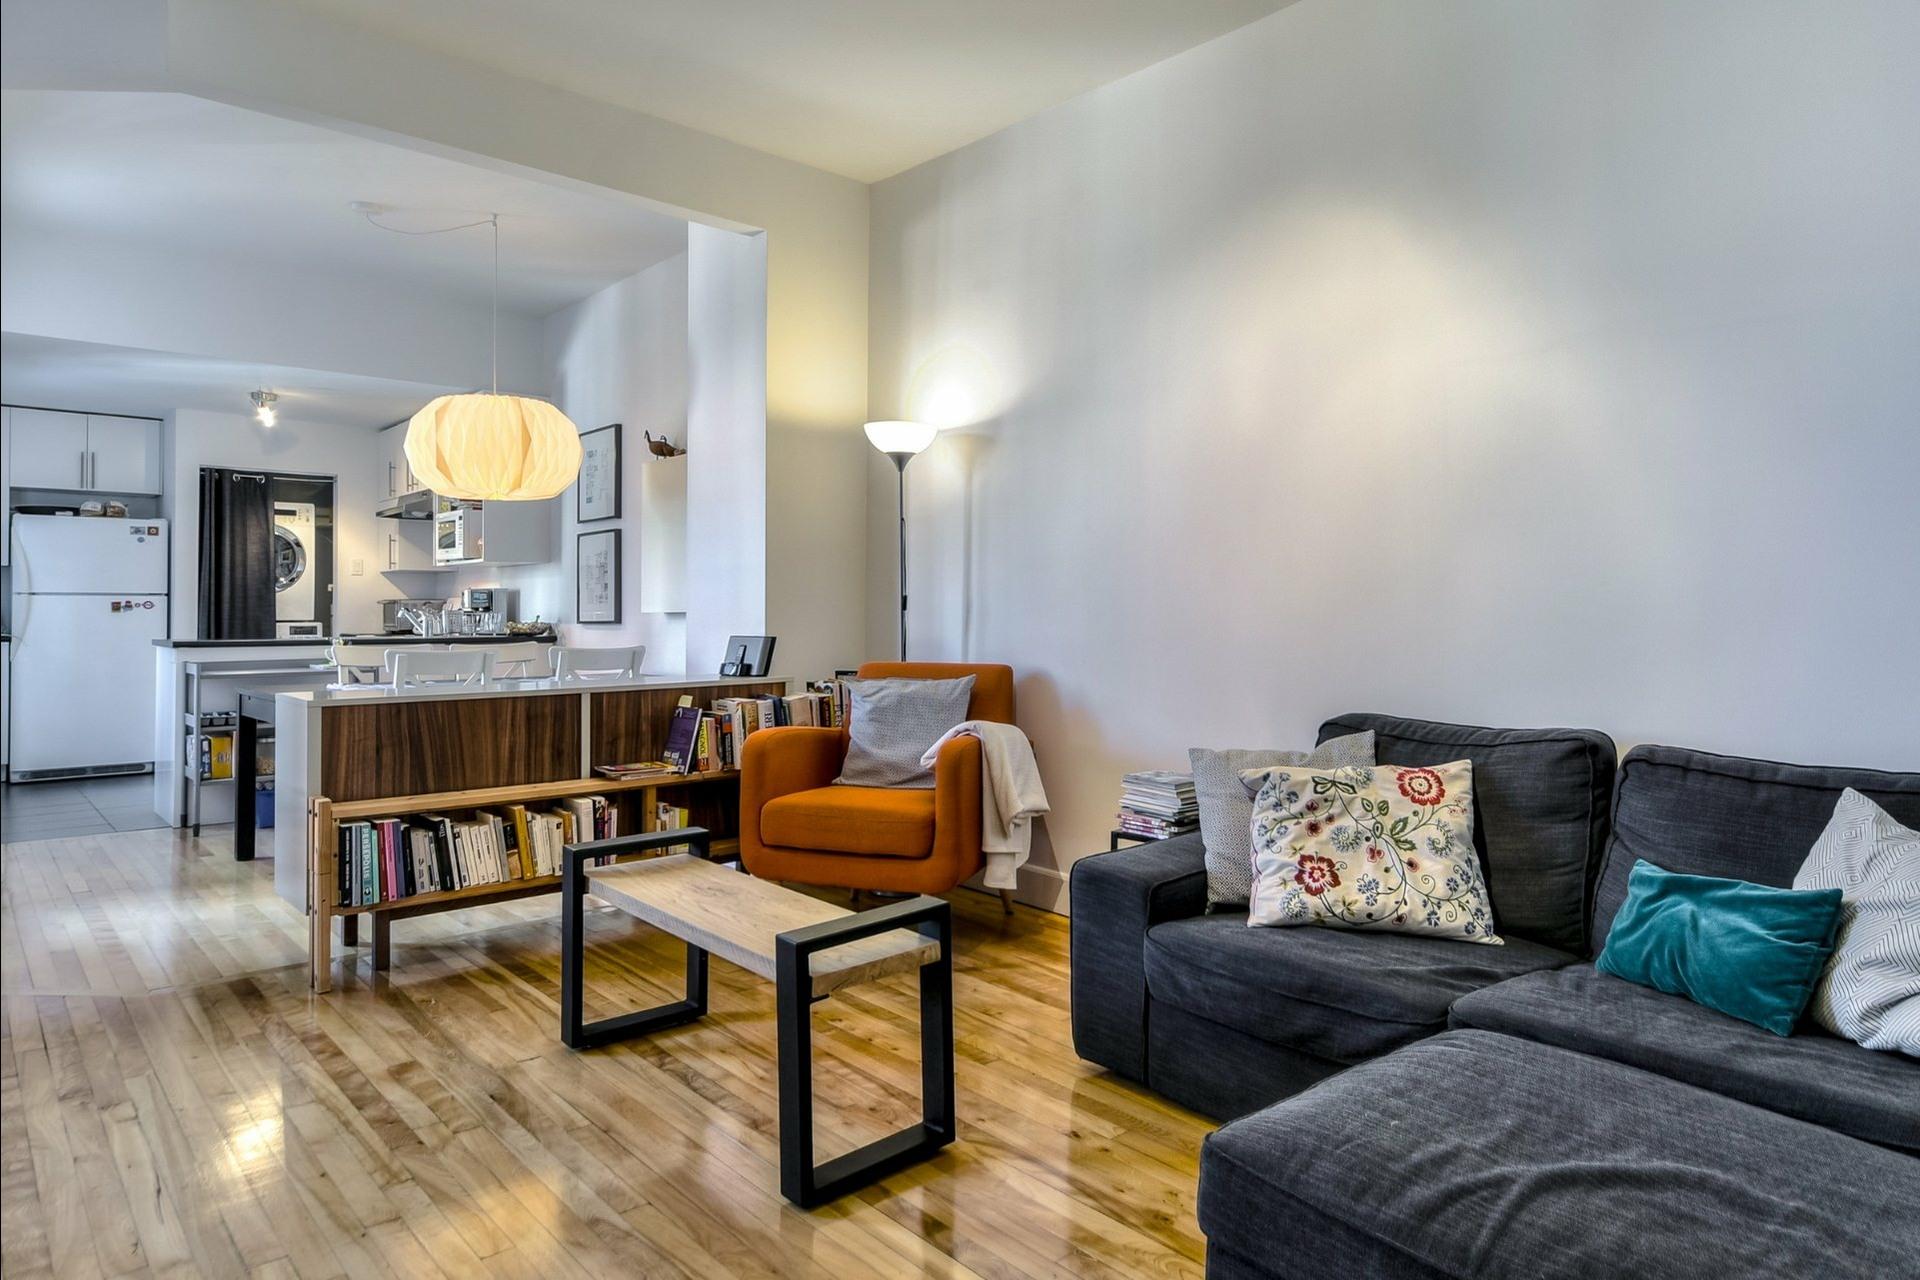 image 20 - Immeuble à revenus À vendre Montréal Le Plateau-Mont-Royal